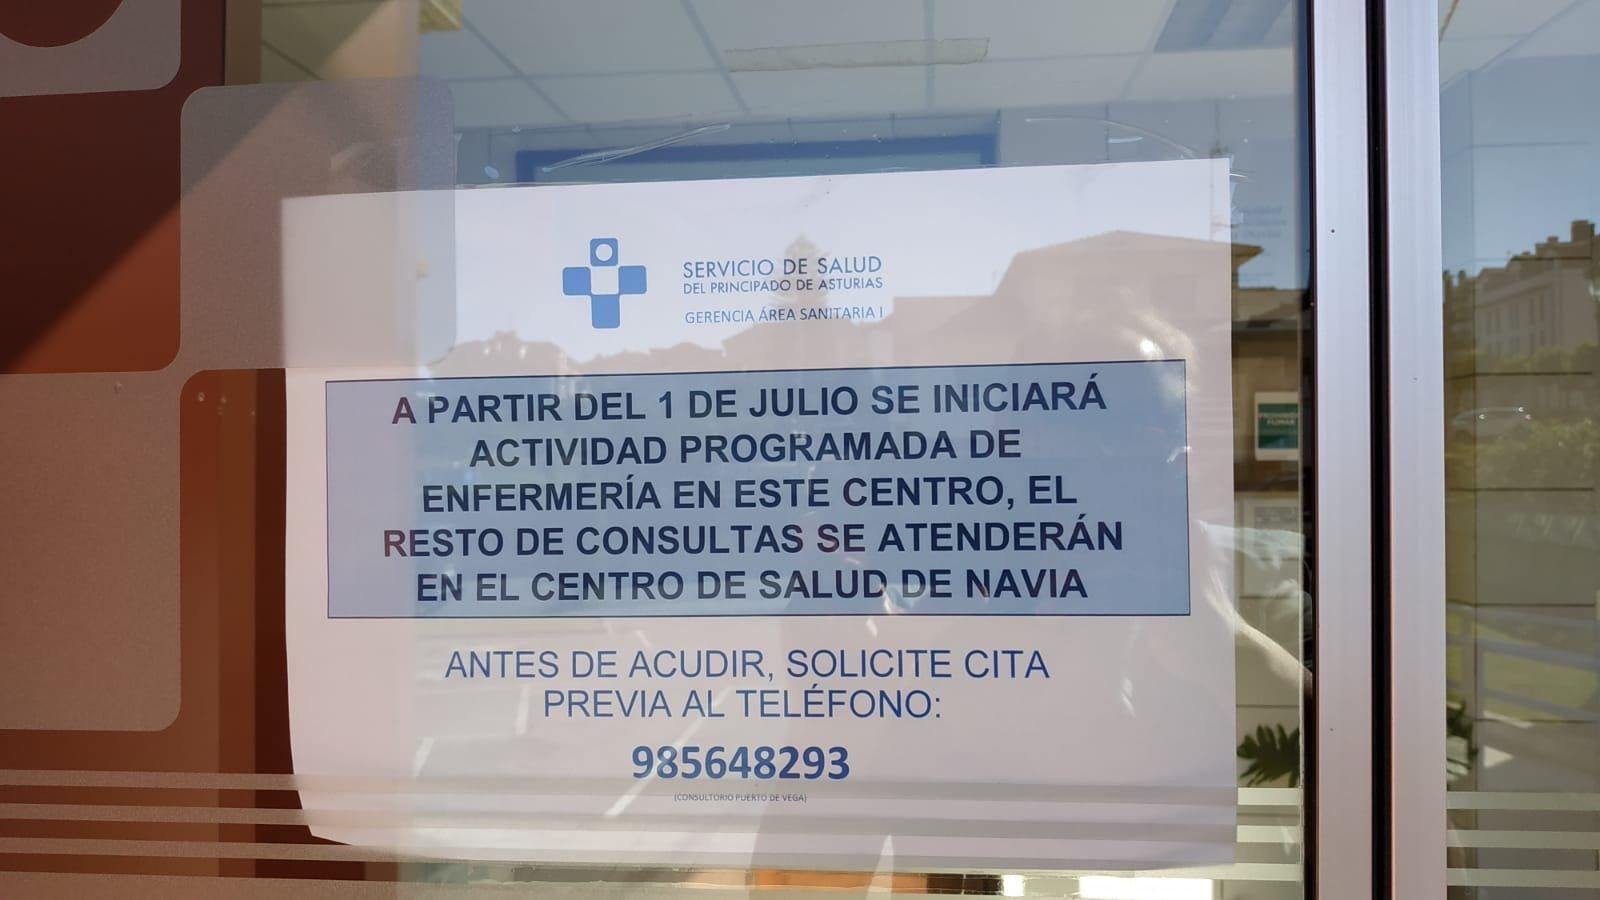 El ayuntamiento de Navia sufragará el desplazamiento de los pacientes del Centro de Salud de Puerto de Vega que sean derivados al de Navia